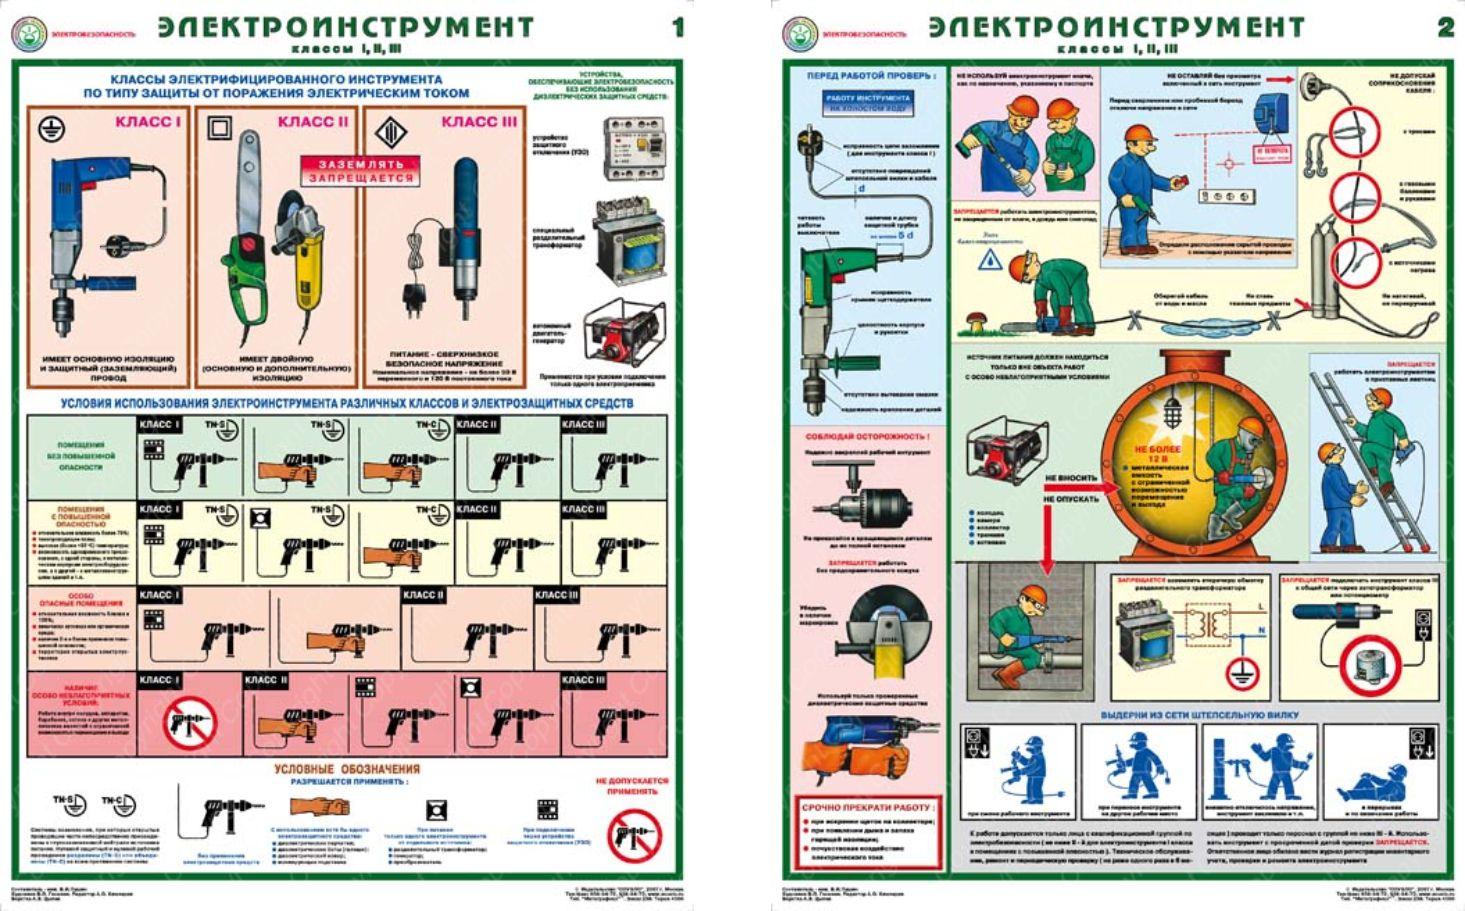 Дистанционная подготовка и тестирование по электробезопасности. классы электроинструмента по электробезопасности